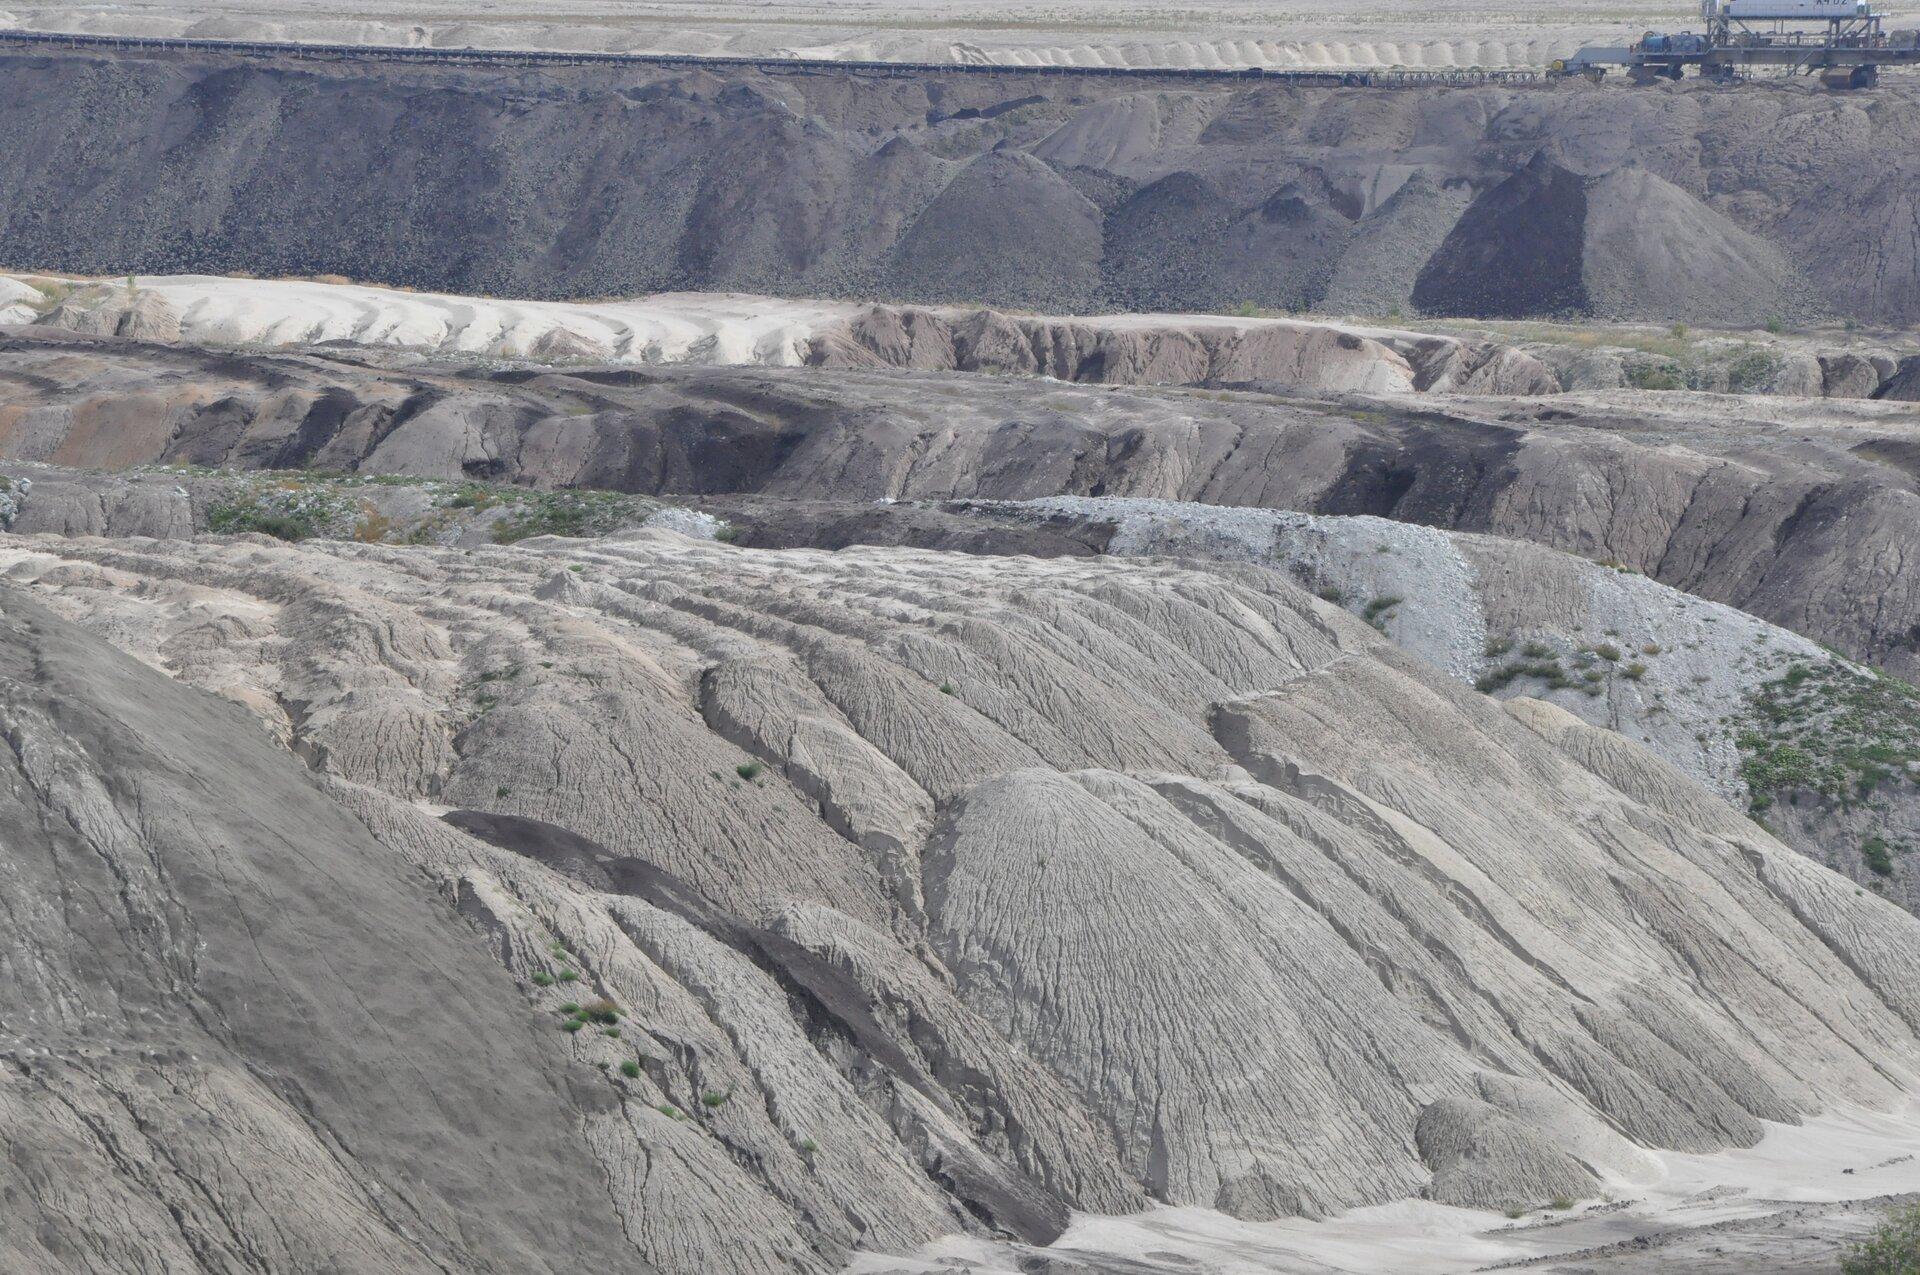 Fotografia prezentuje hałdę zbudowaną zusypanych odpadów, powstałych podczas wydobycia surowców.